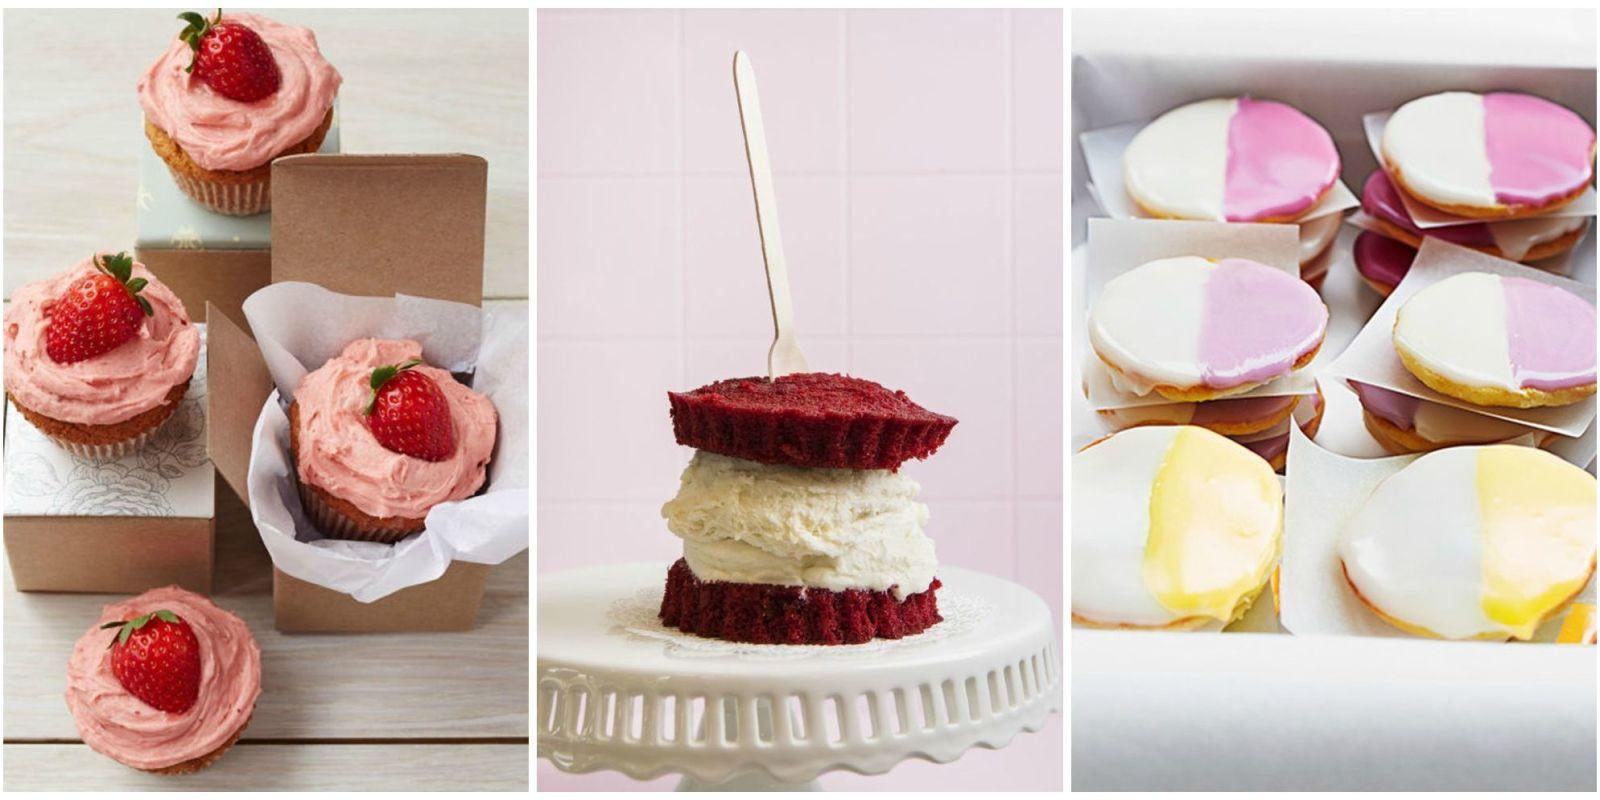 Easy Desserts For Kids  15 Easy Dessert Recipes For Kids Best Kid Friendly